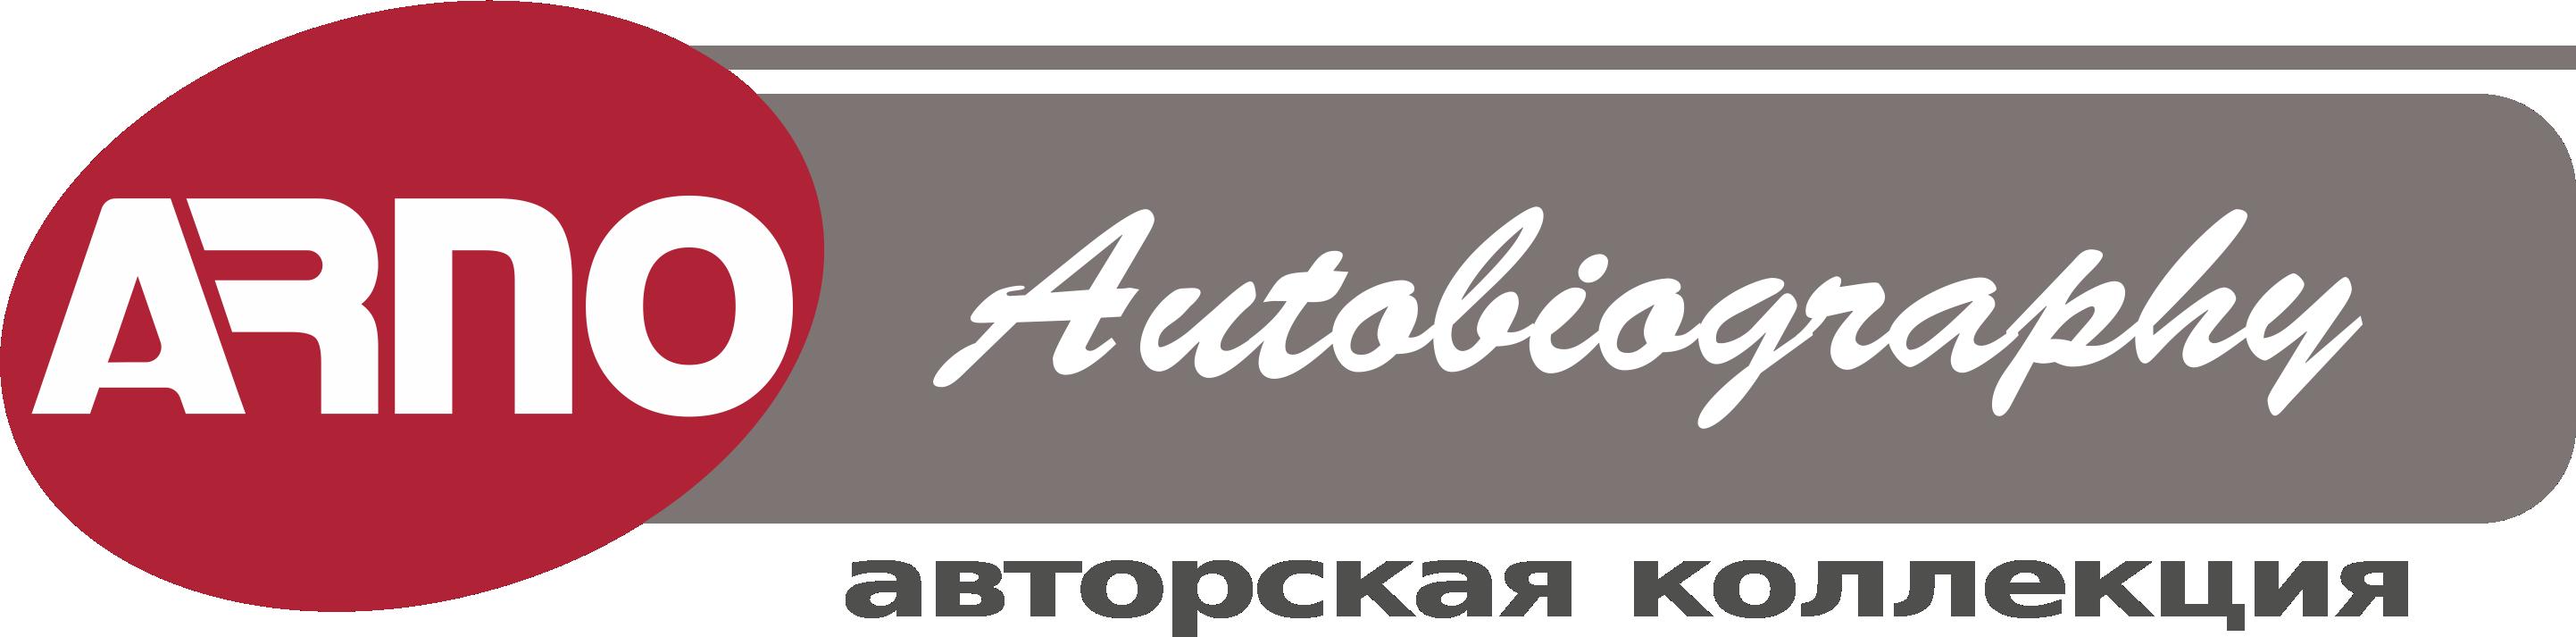 Арно Автобиография лого